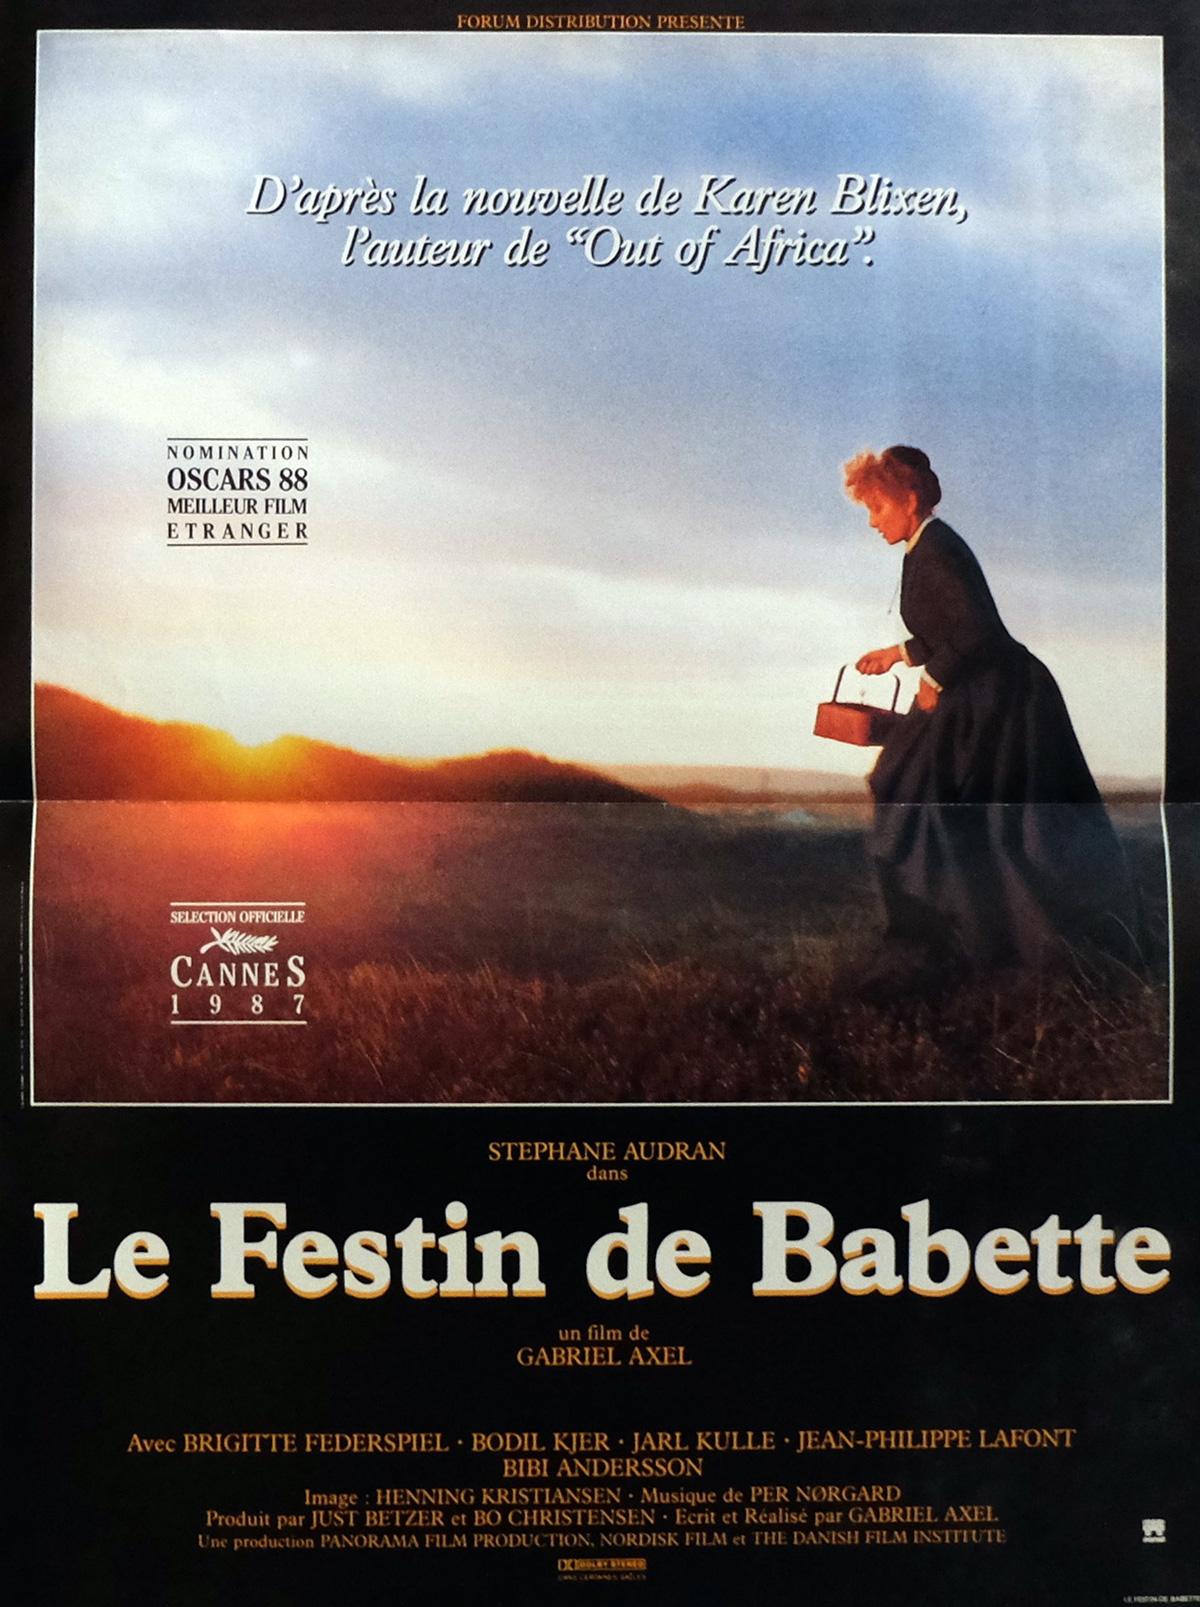 FESTIN DE LE BABETTE TÉLÉCHARGER